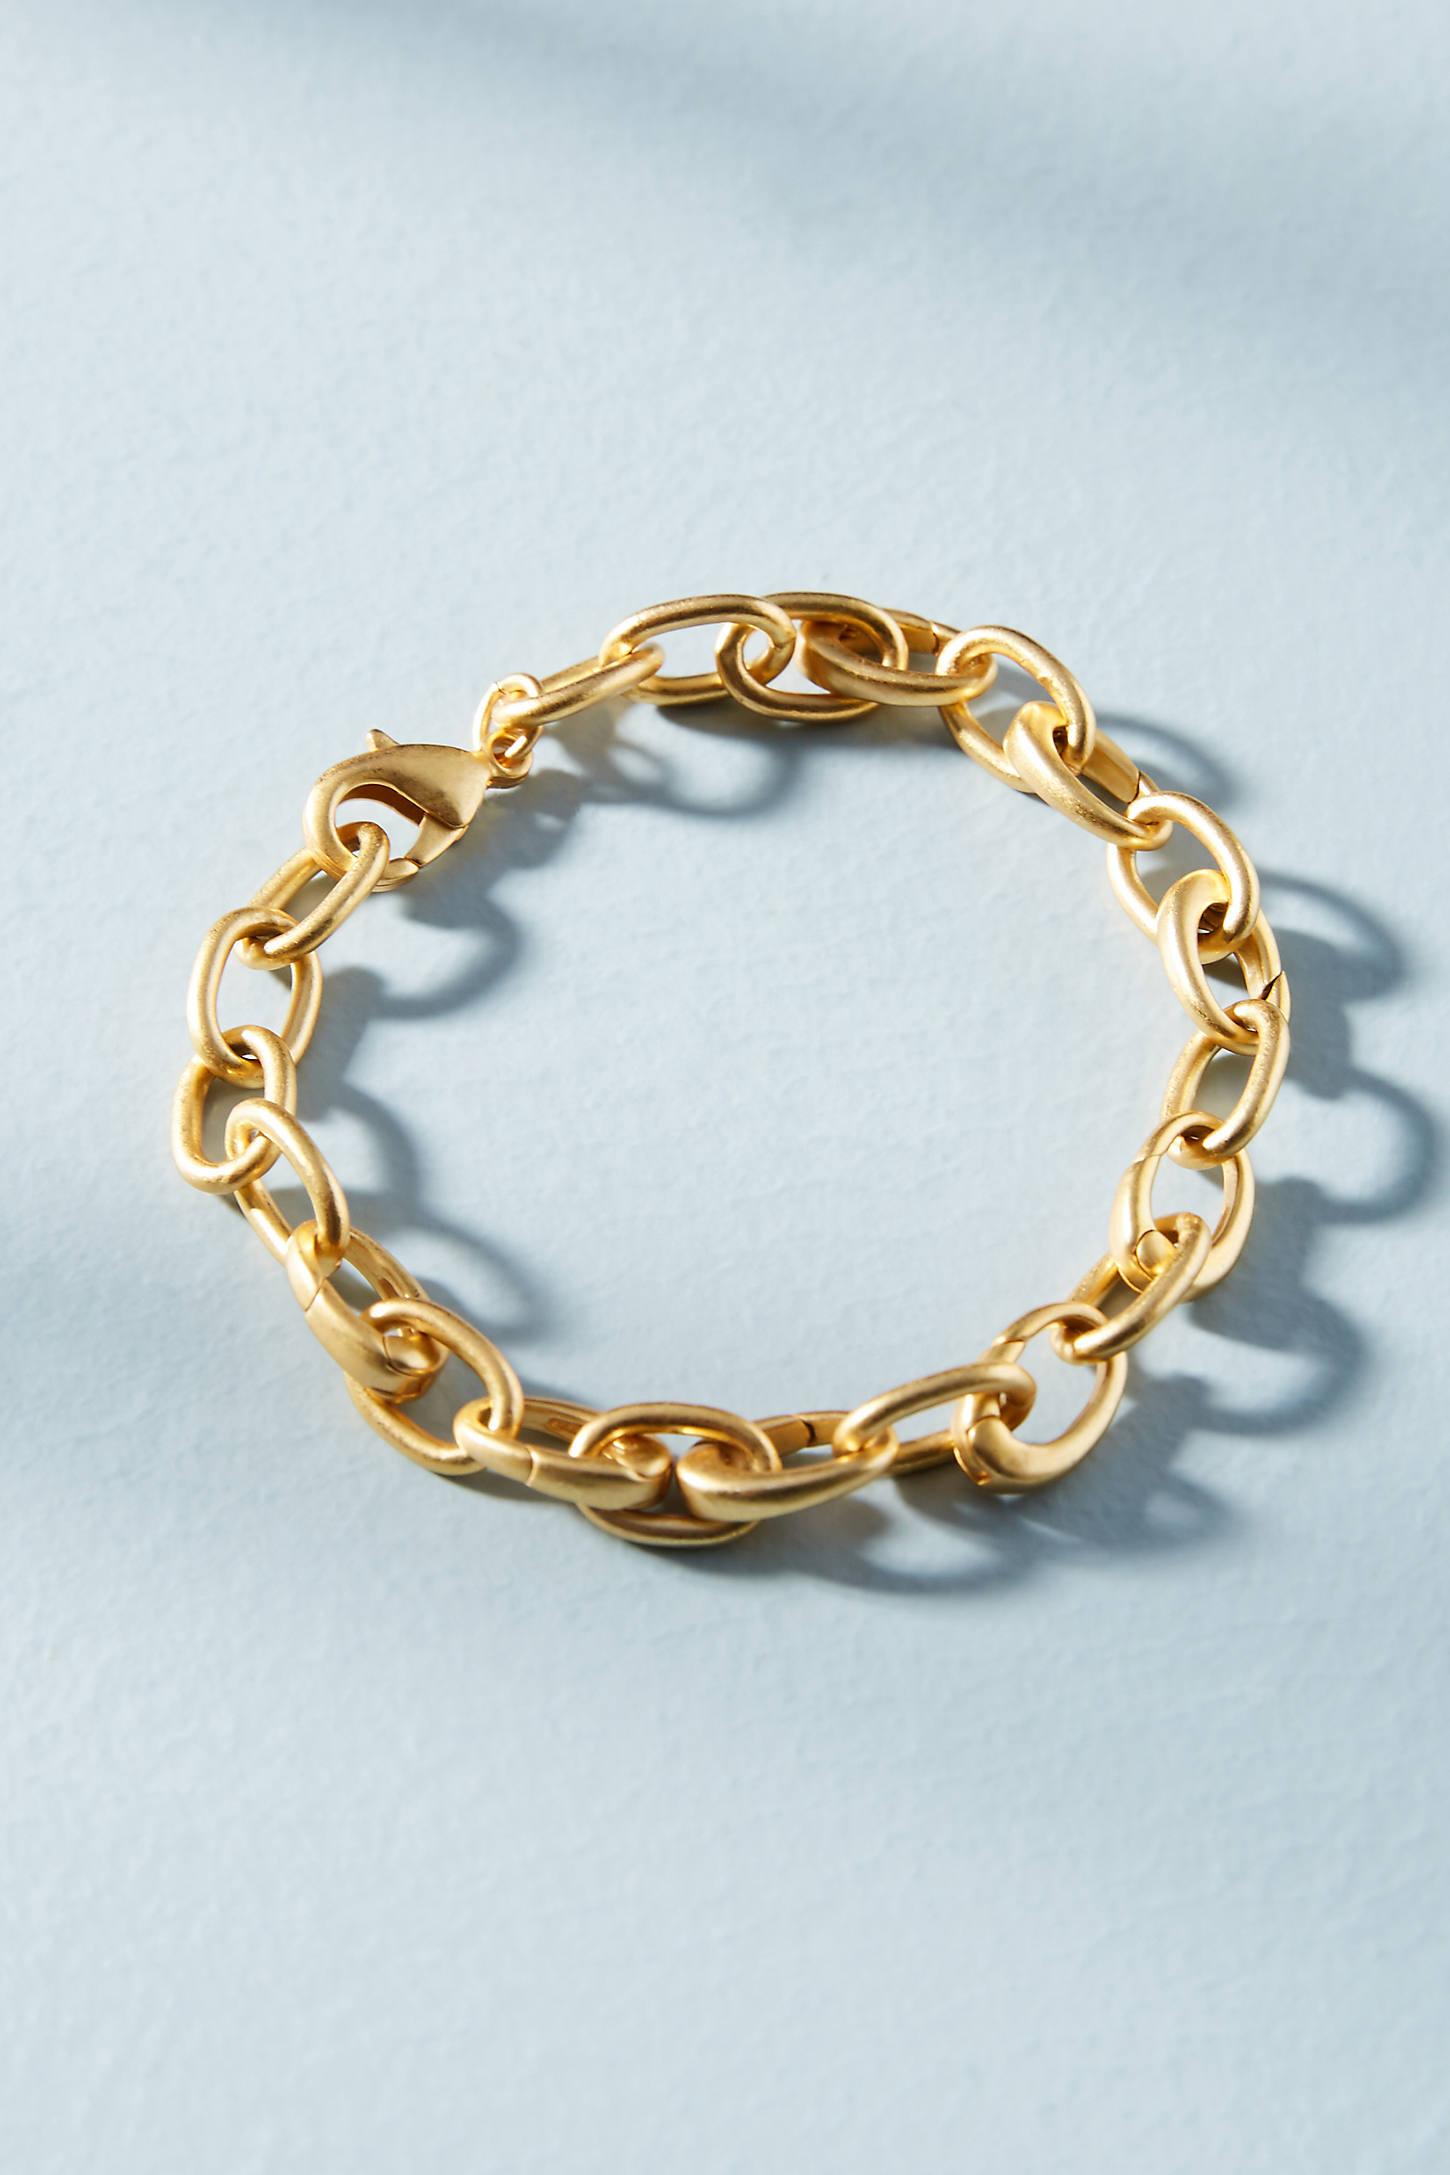 Charmed Link Bracelet